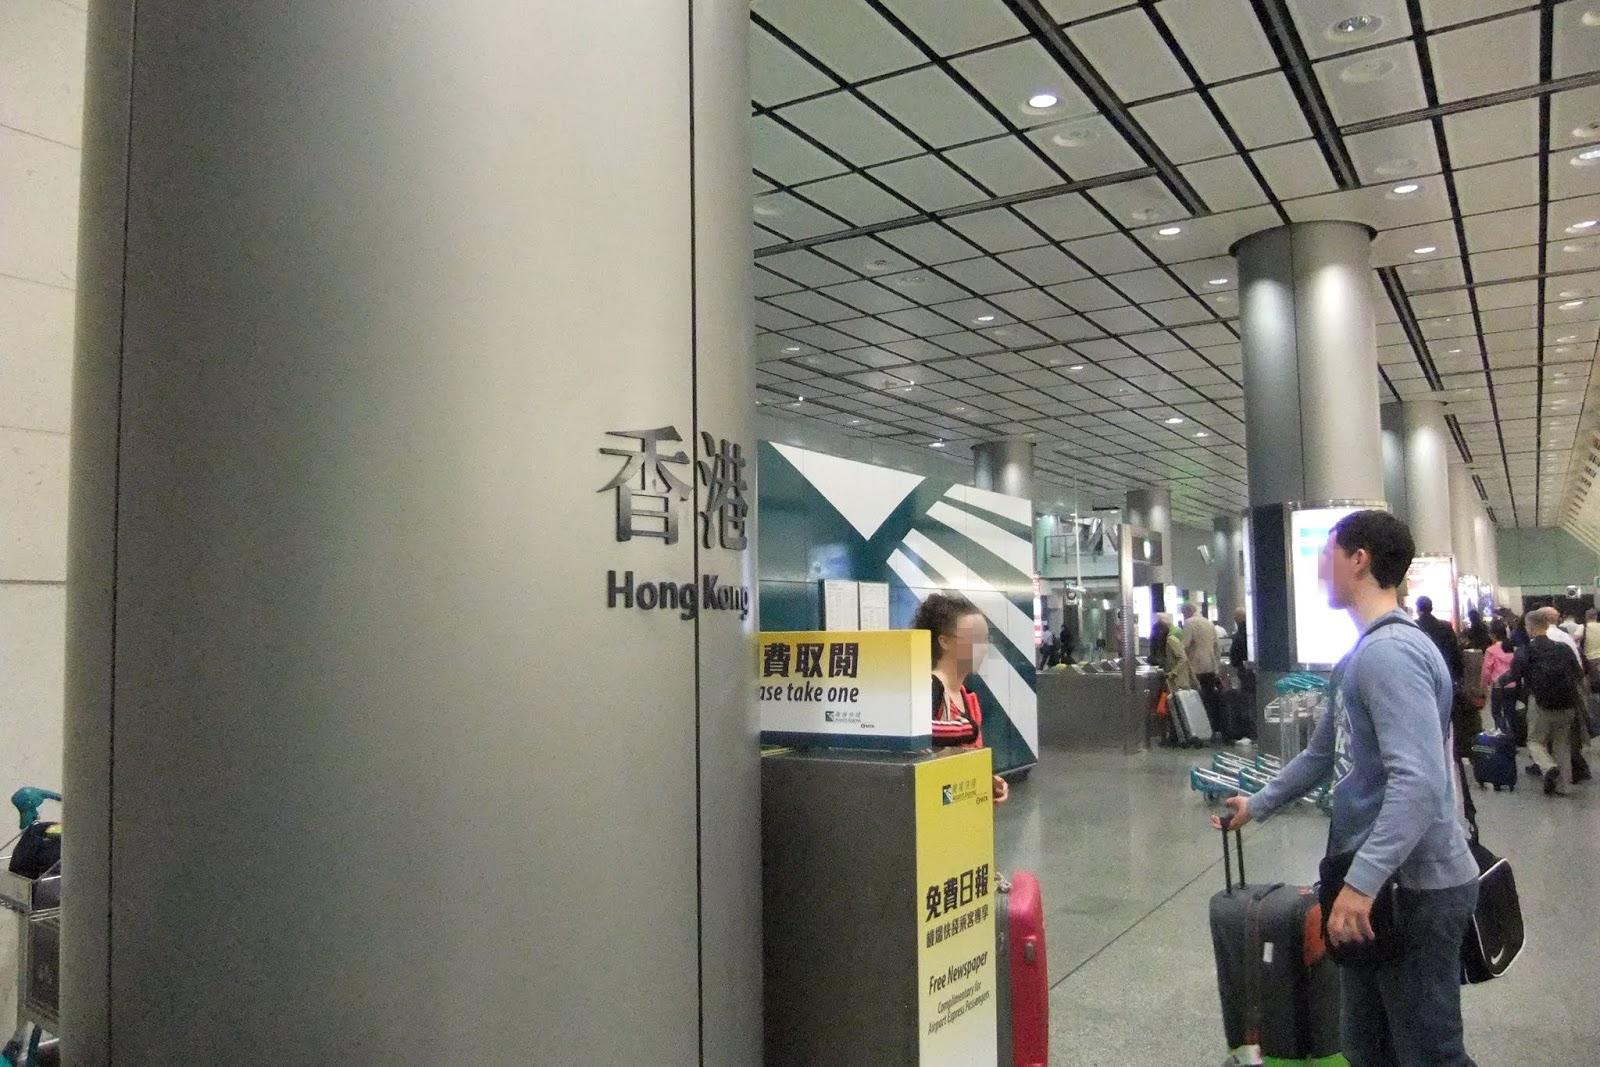 hongkong-station 香港駅